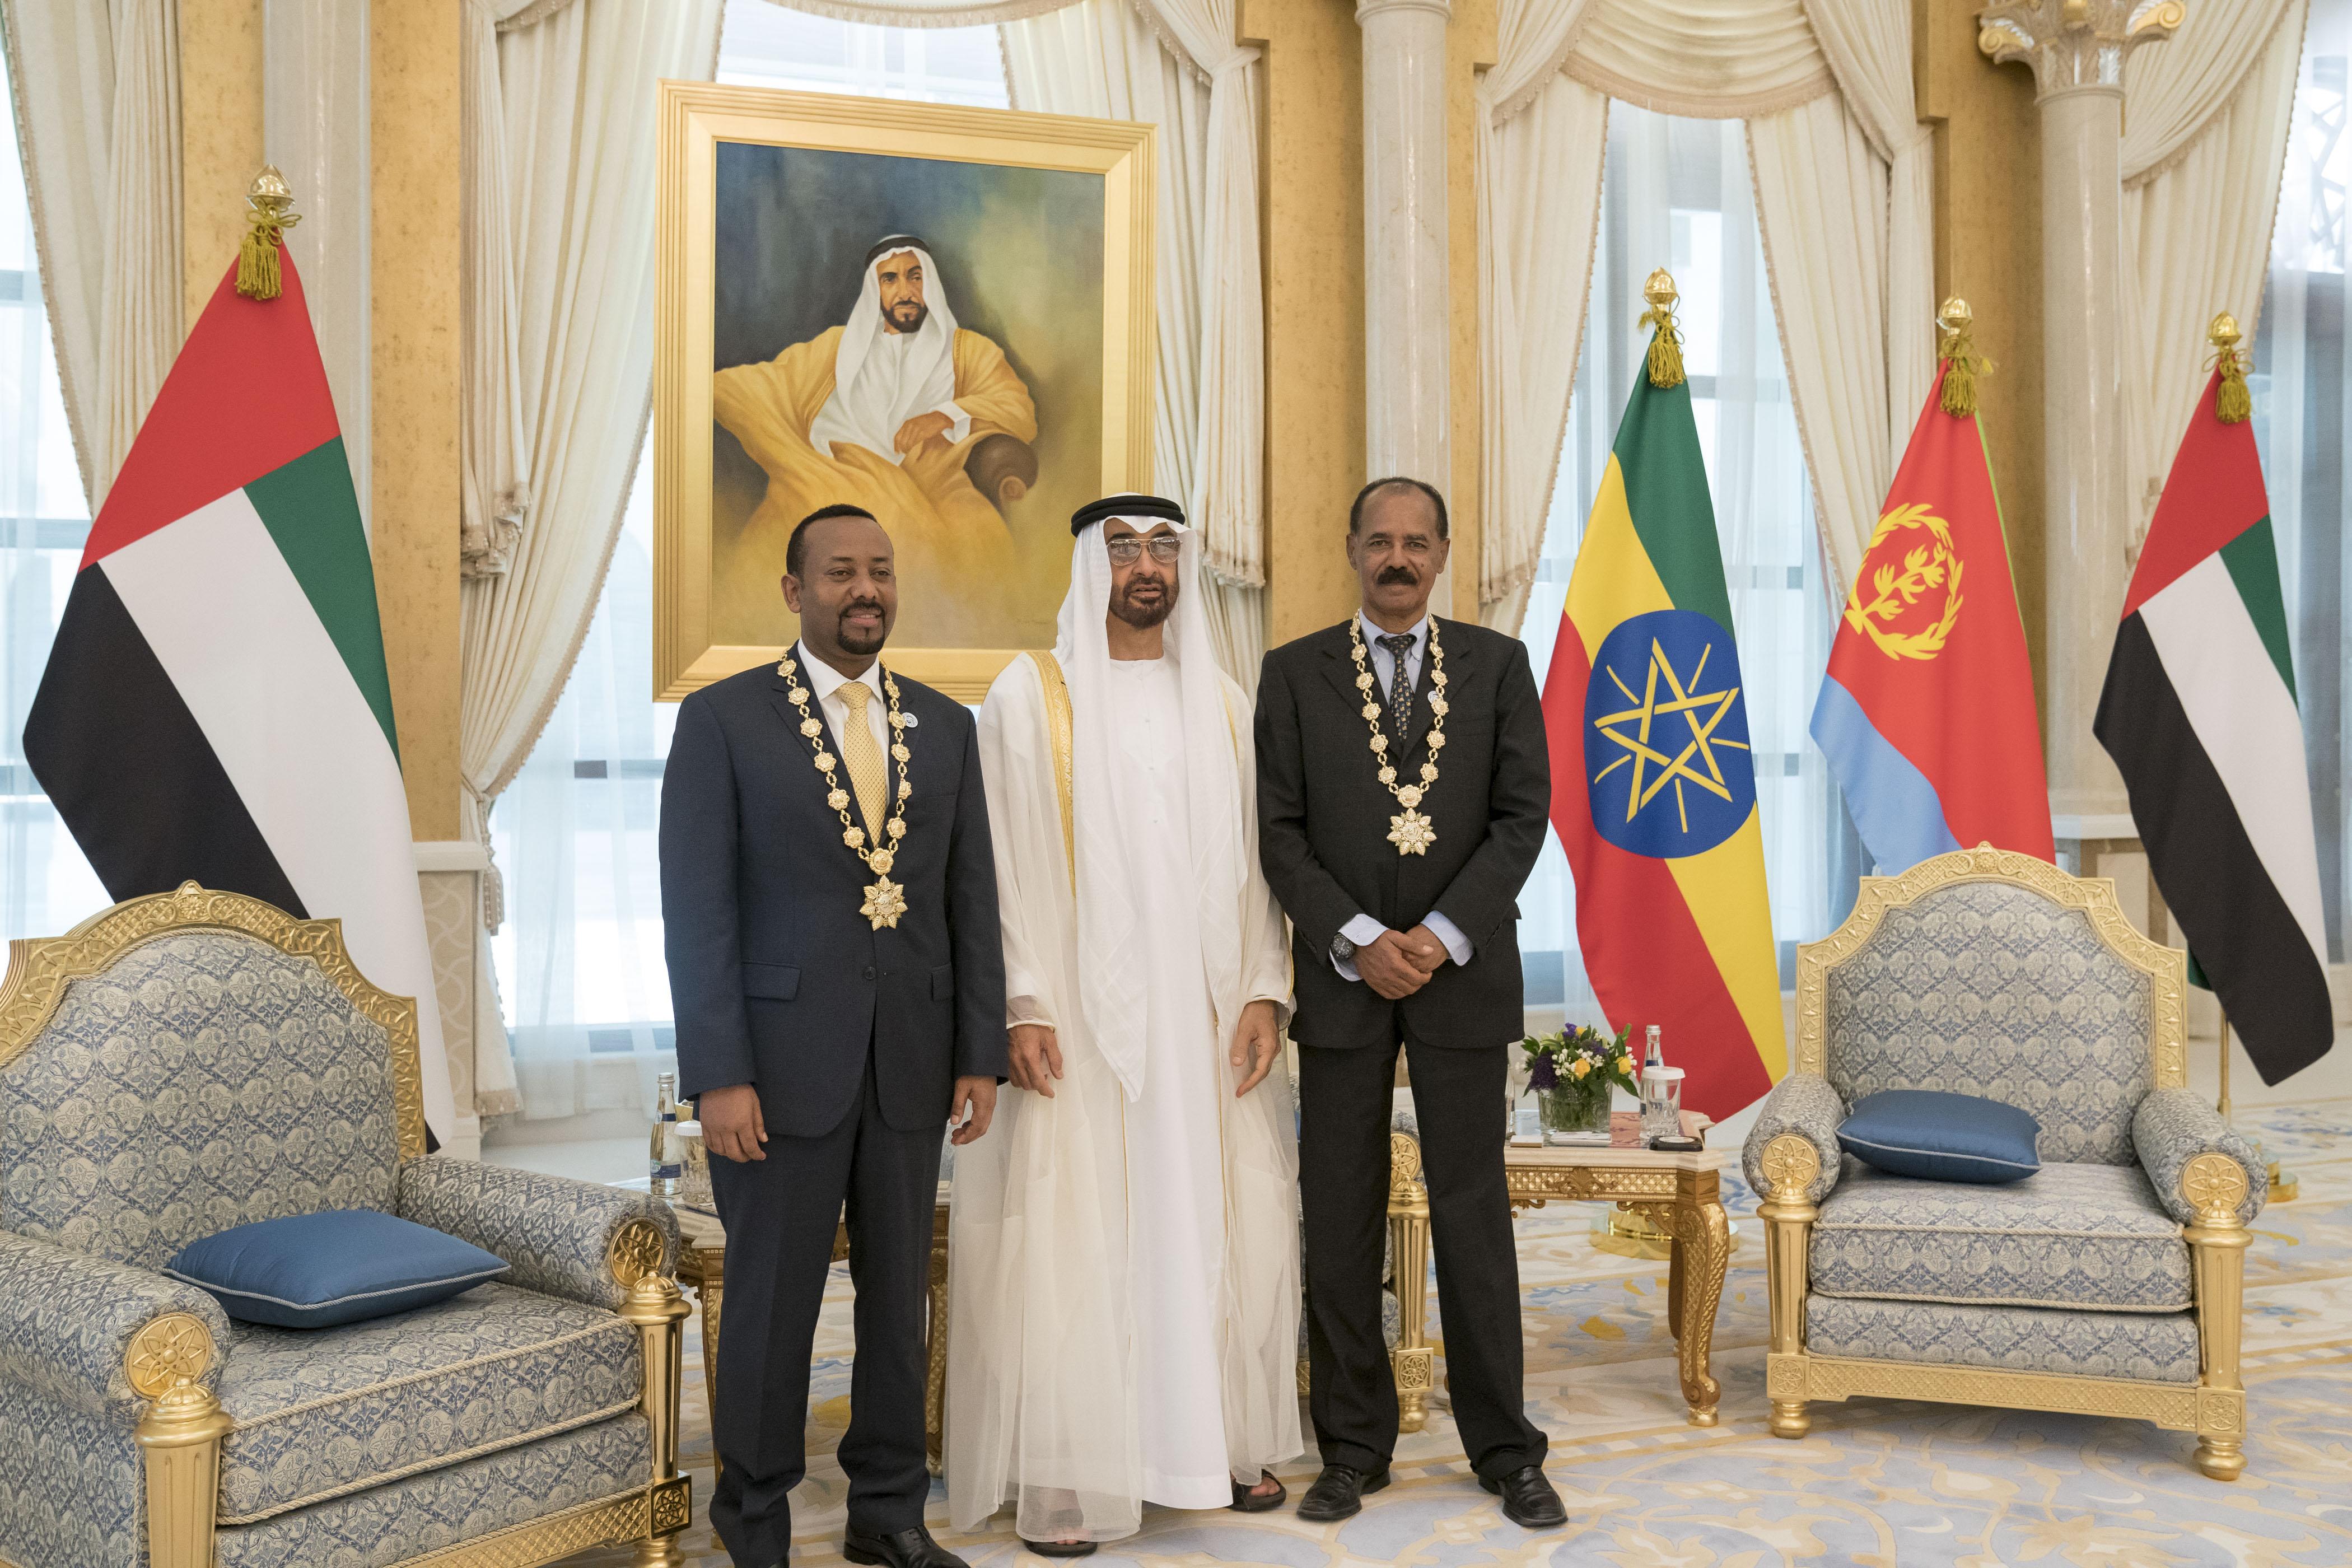 """رئيس الدولة يمنح رئيس إريتريا ورئيس وزراء أثيوبيا """" وسام زايد """" تقديراً لجهودهما في إطلاق مسيرة السلام بين بلديهما 8"""